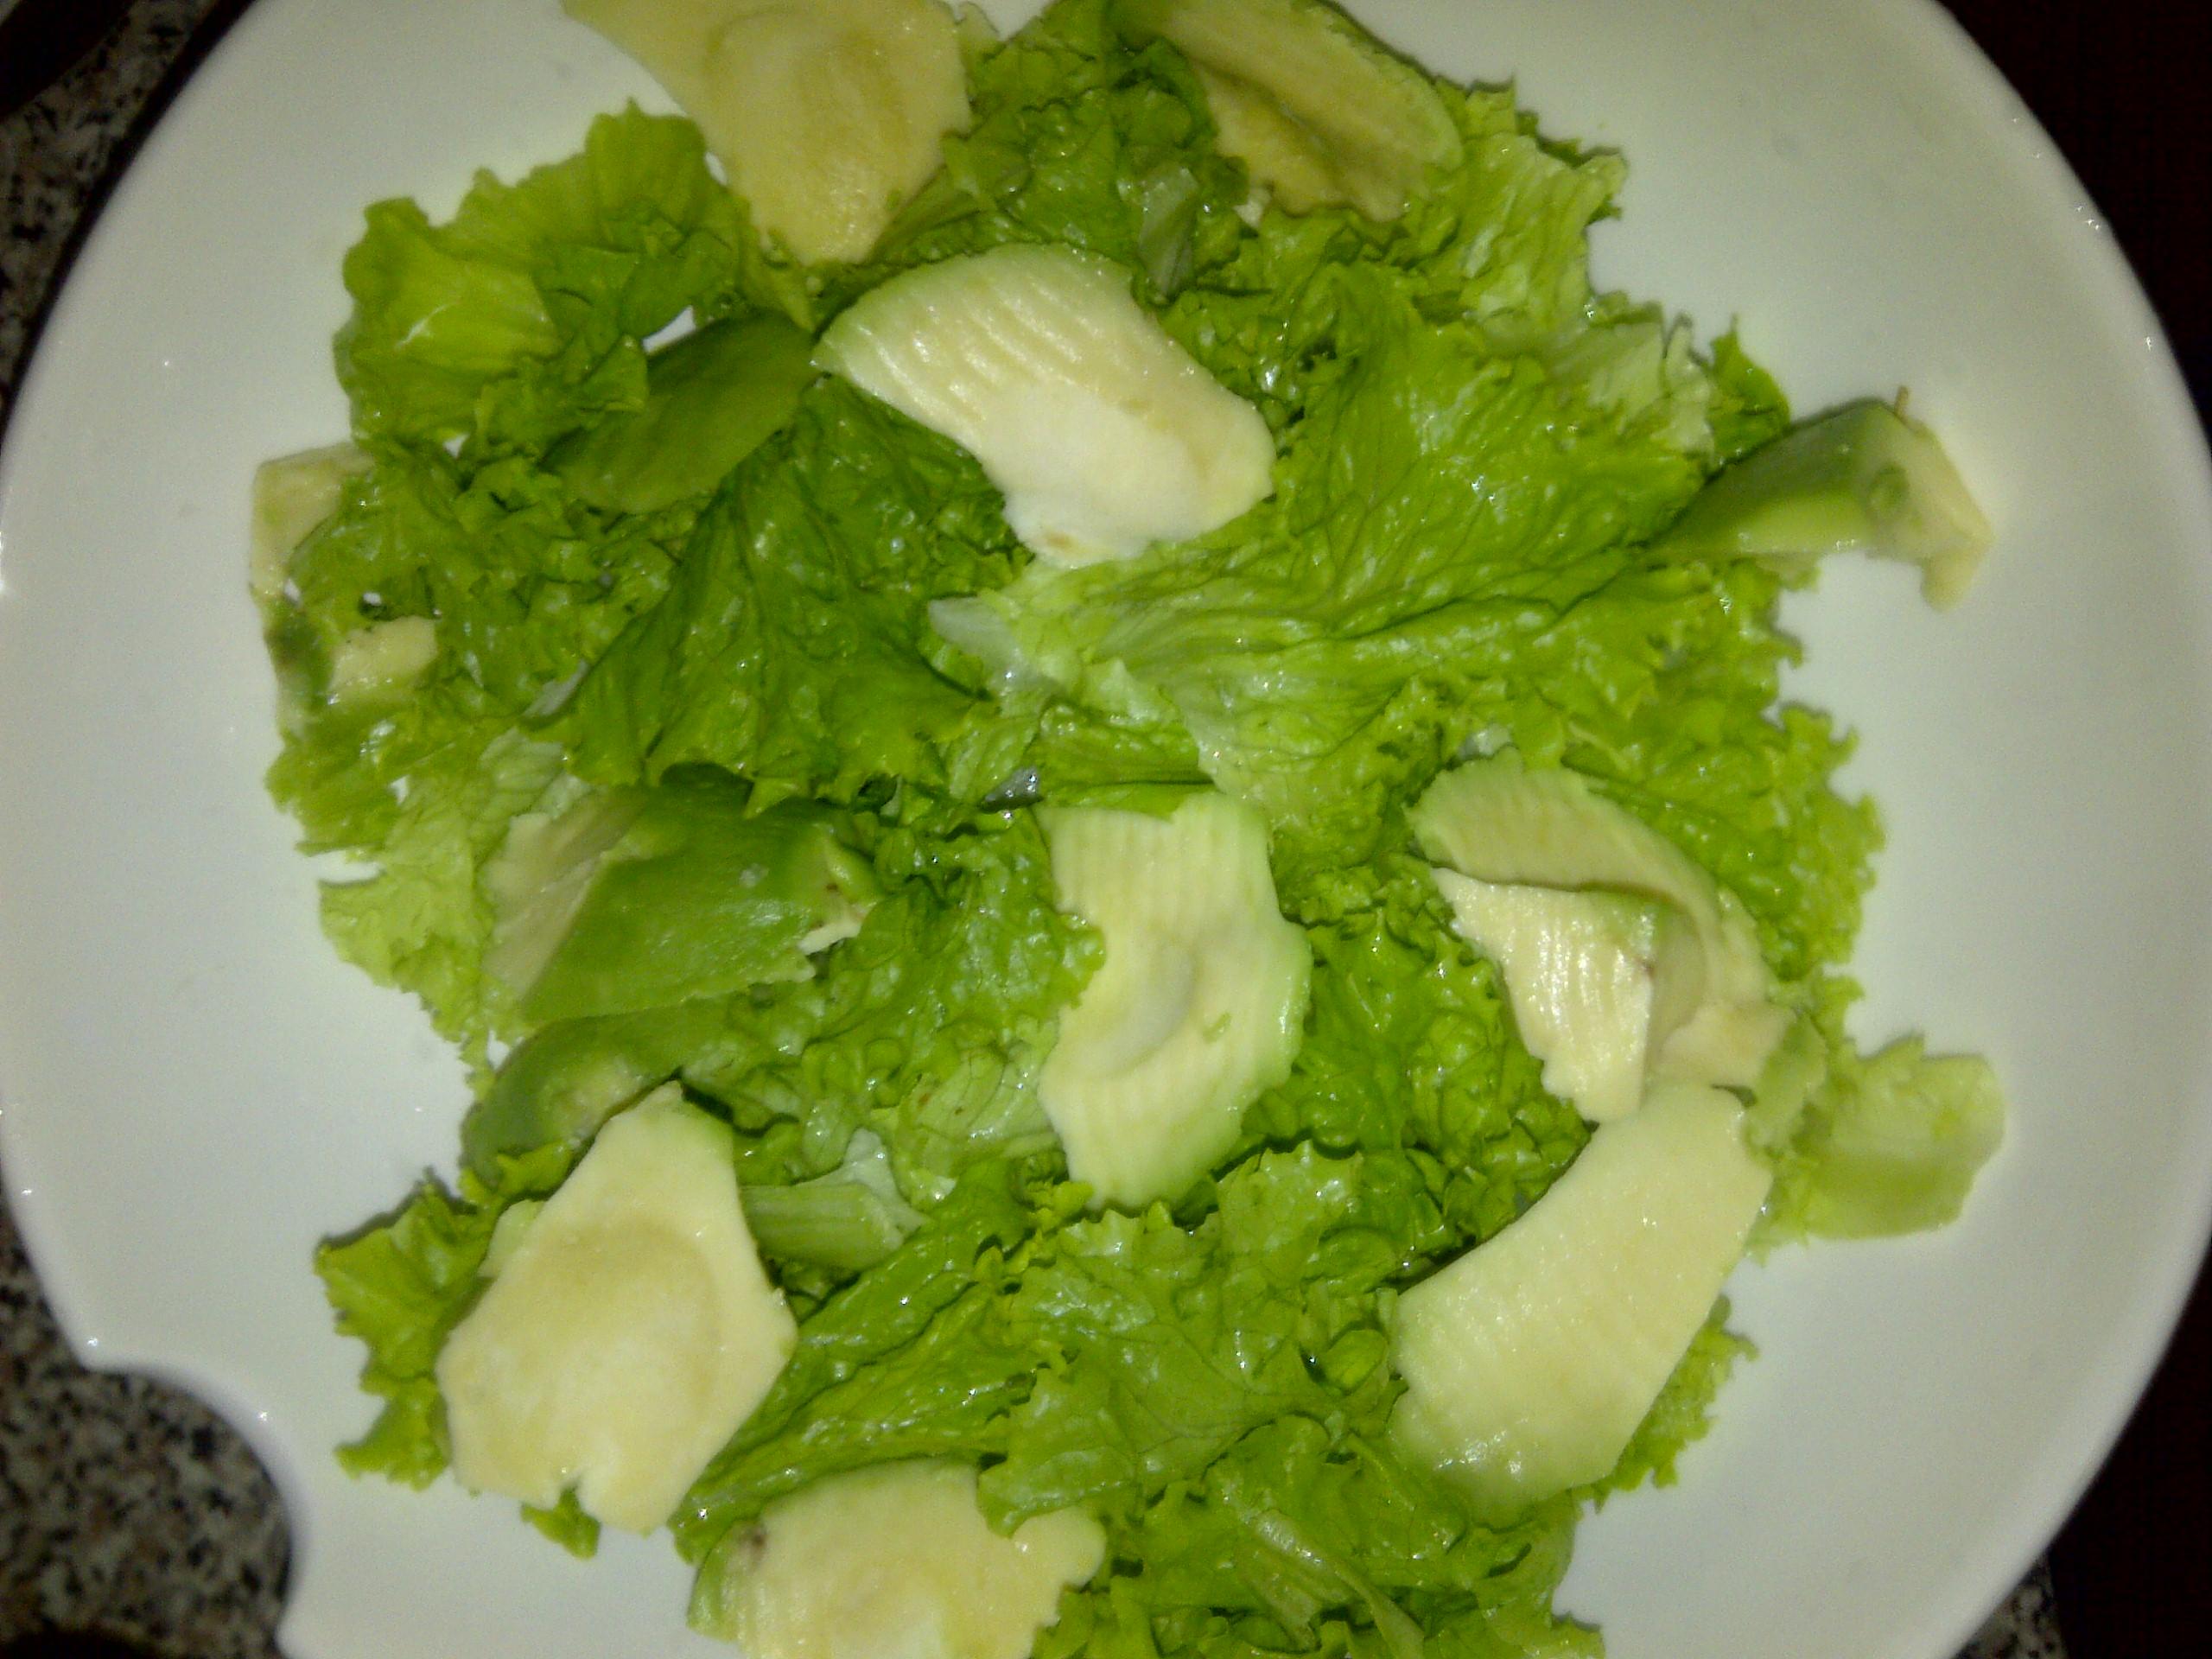 рецепт с салата с оливками